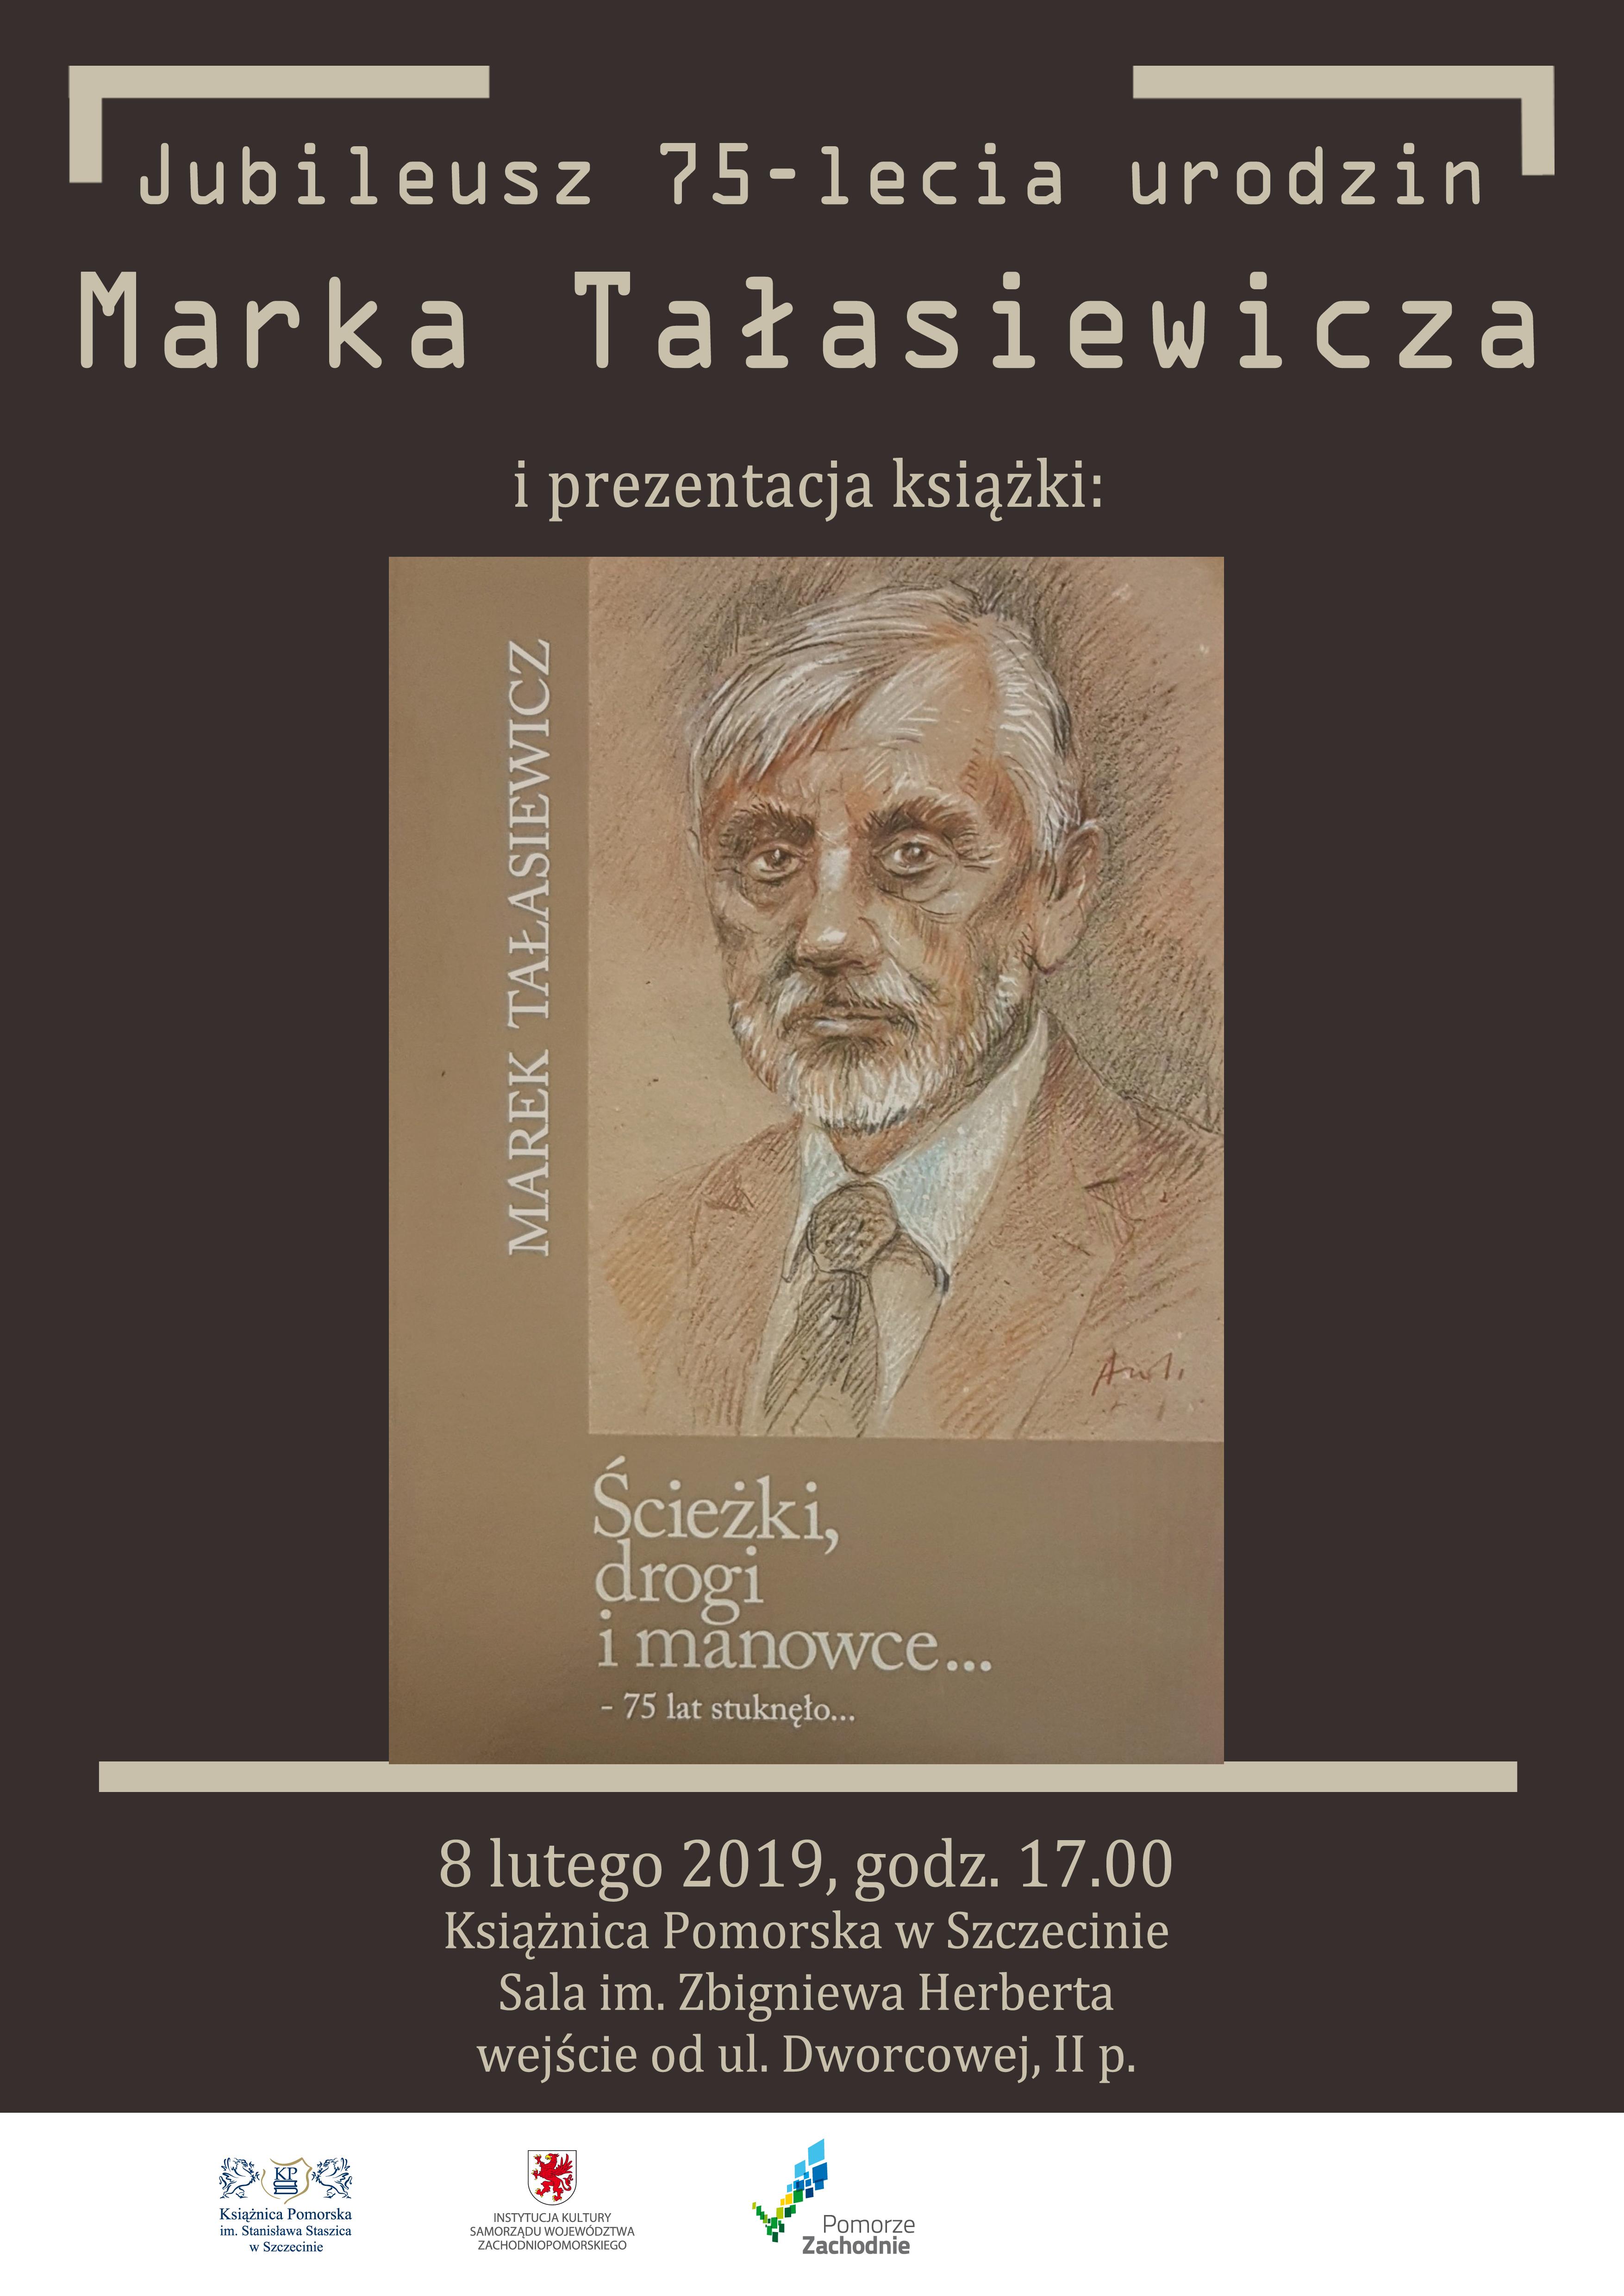 Jubileusz 75 urodzin Marka Tałasiewicza